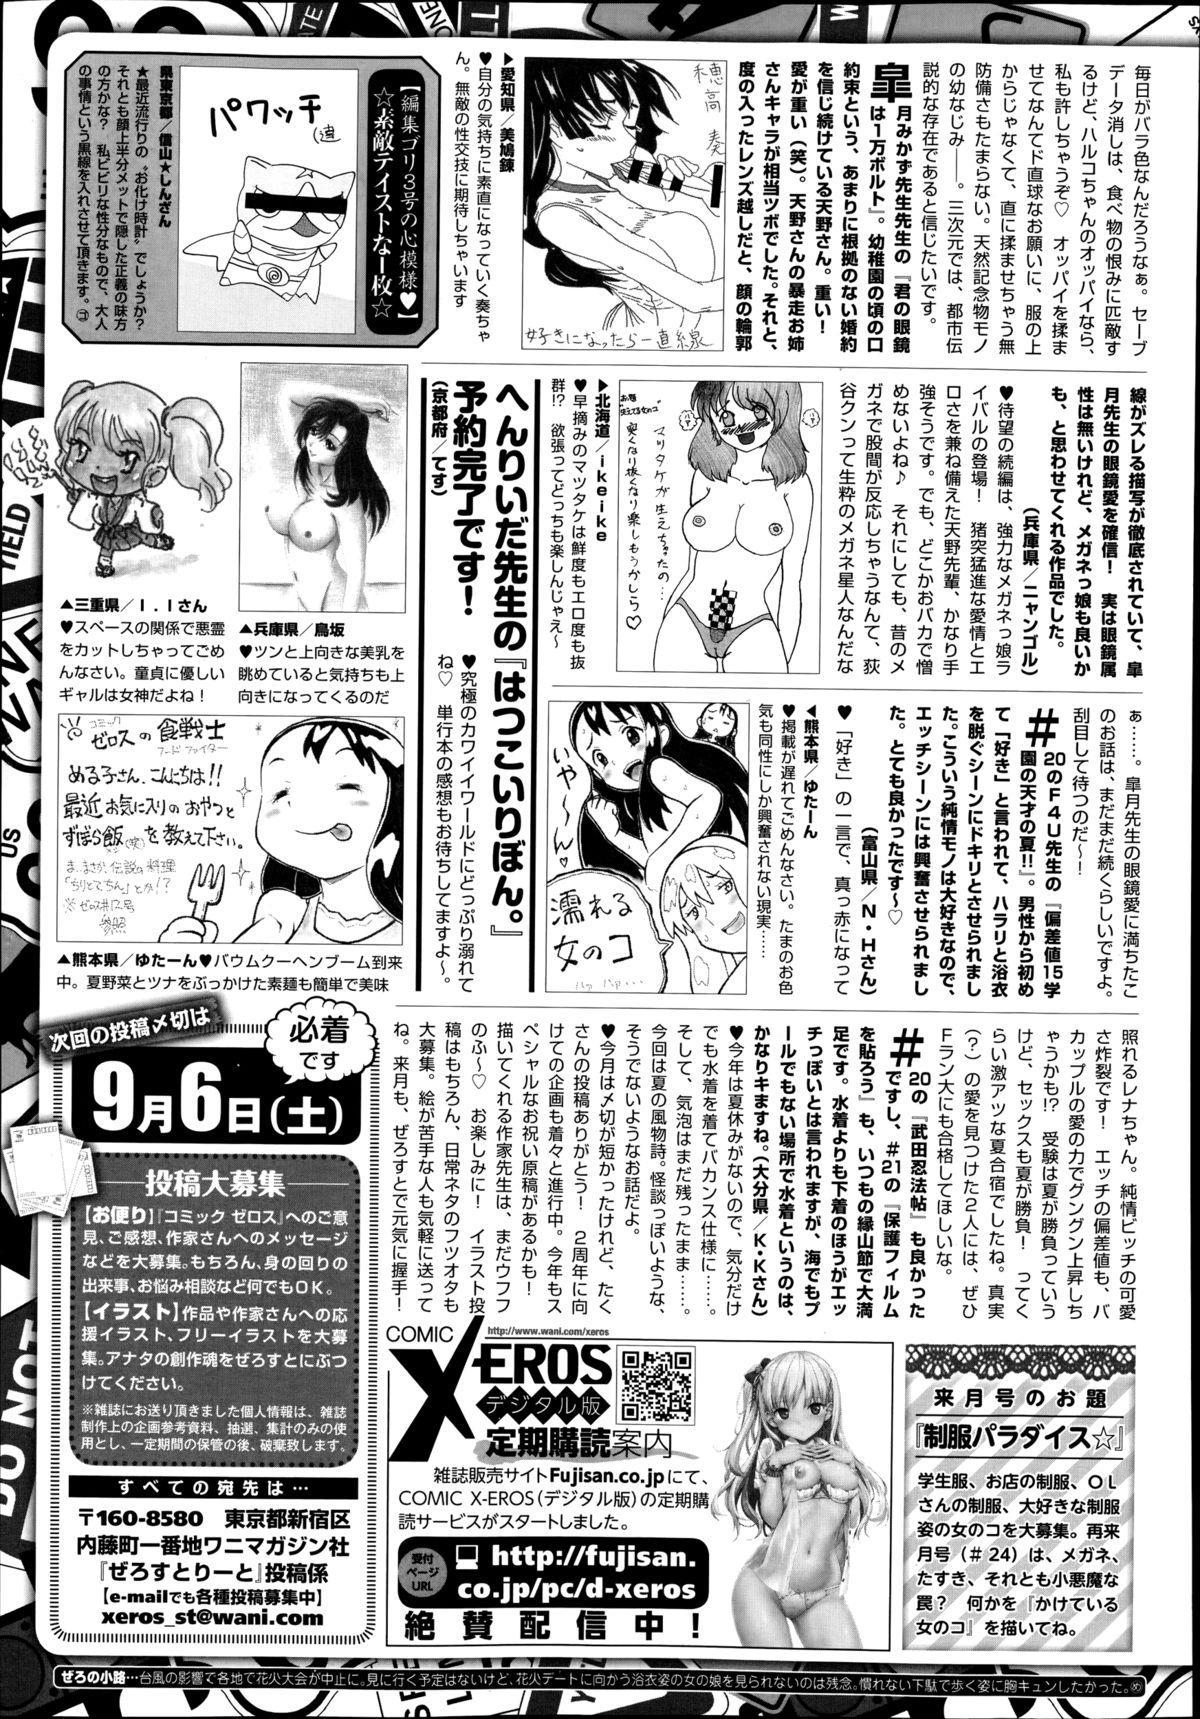 COMIC X-EROS #22 2014-10 475